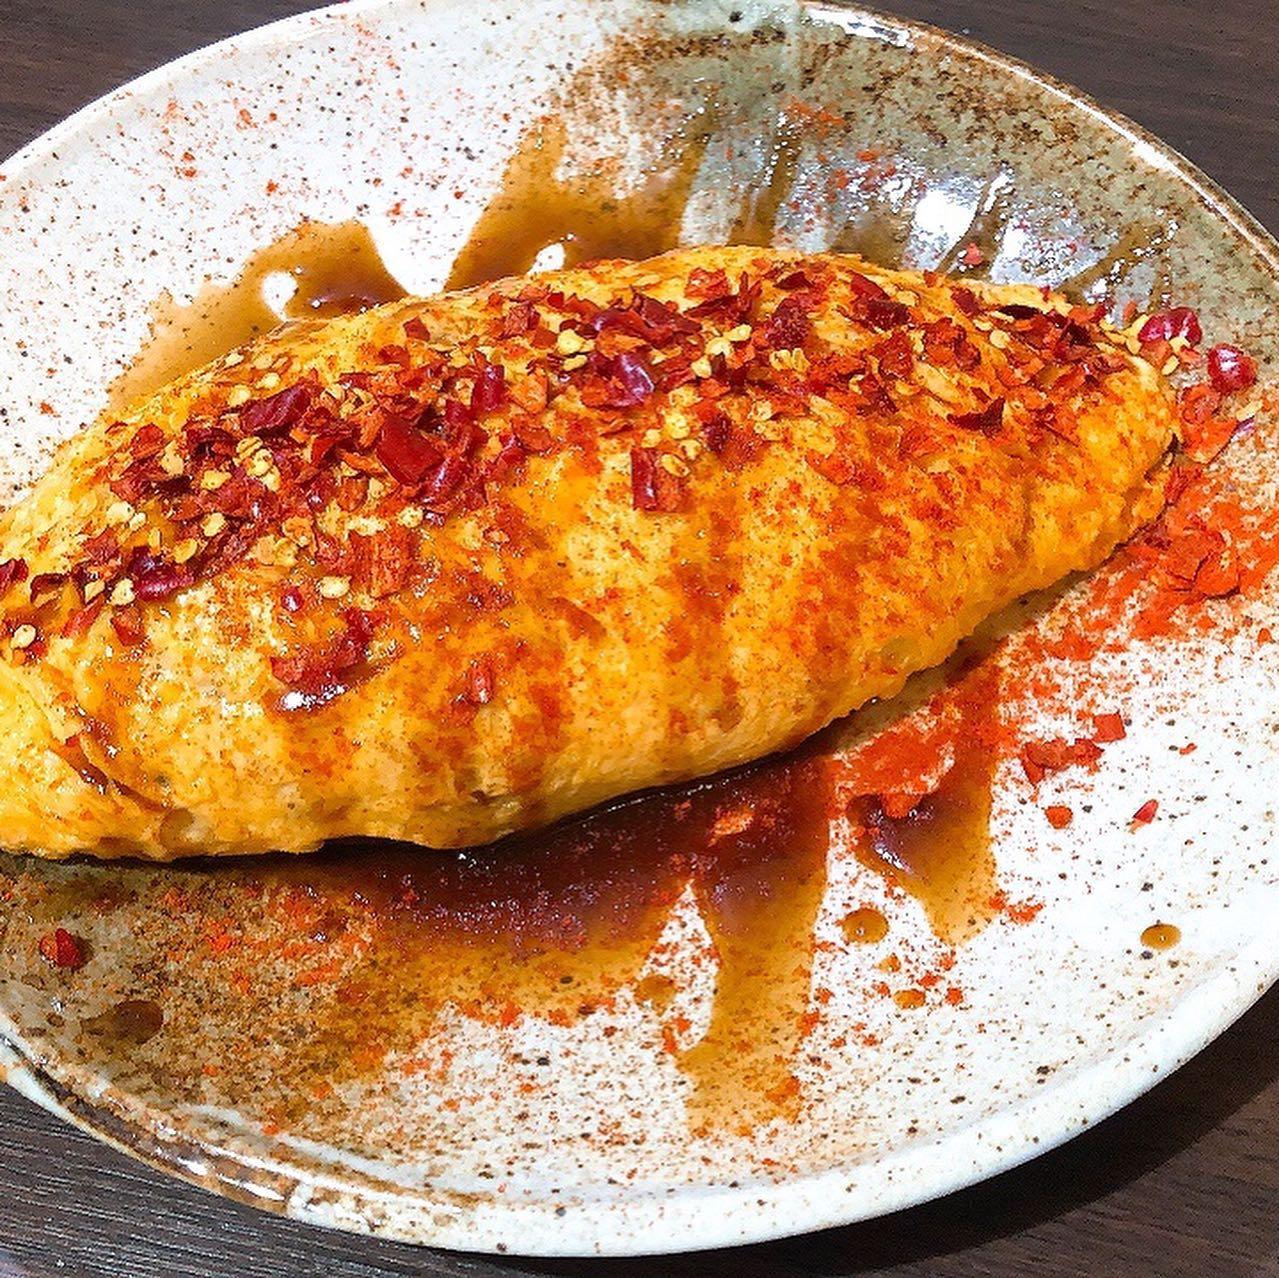 激辛メニュー🌶 オム焼きそば🥵 ポテト🥵 蟹の🦀激辛パスタ